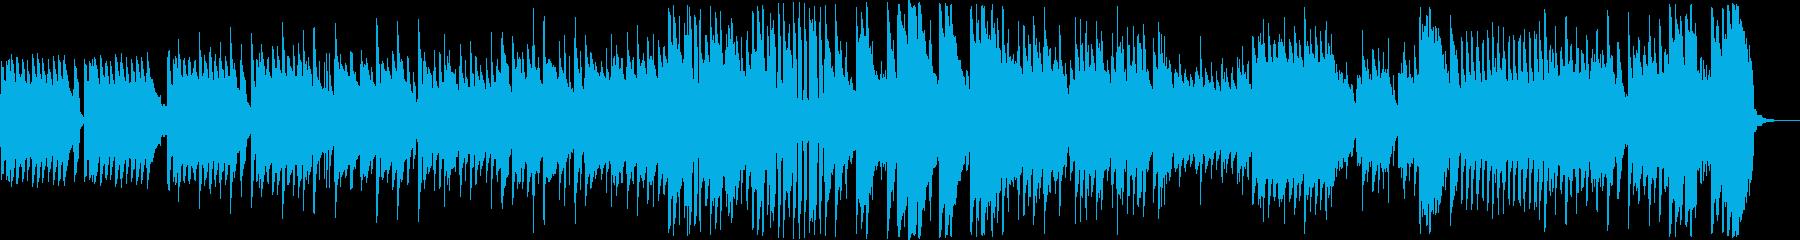 8bitダークでメルヘンチック Ver3の再生済みの波形